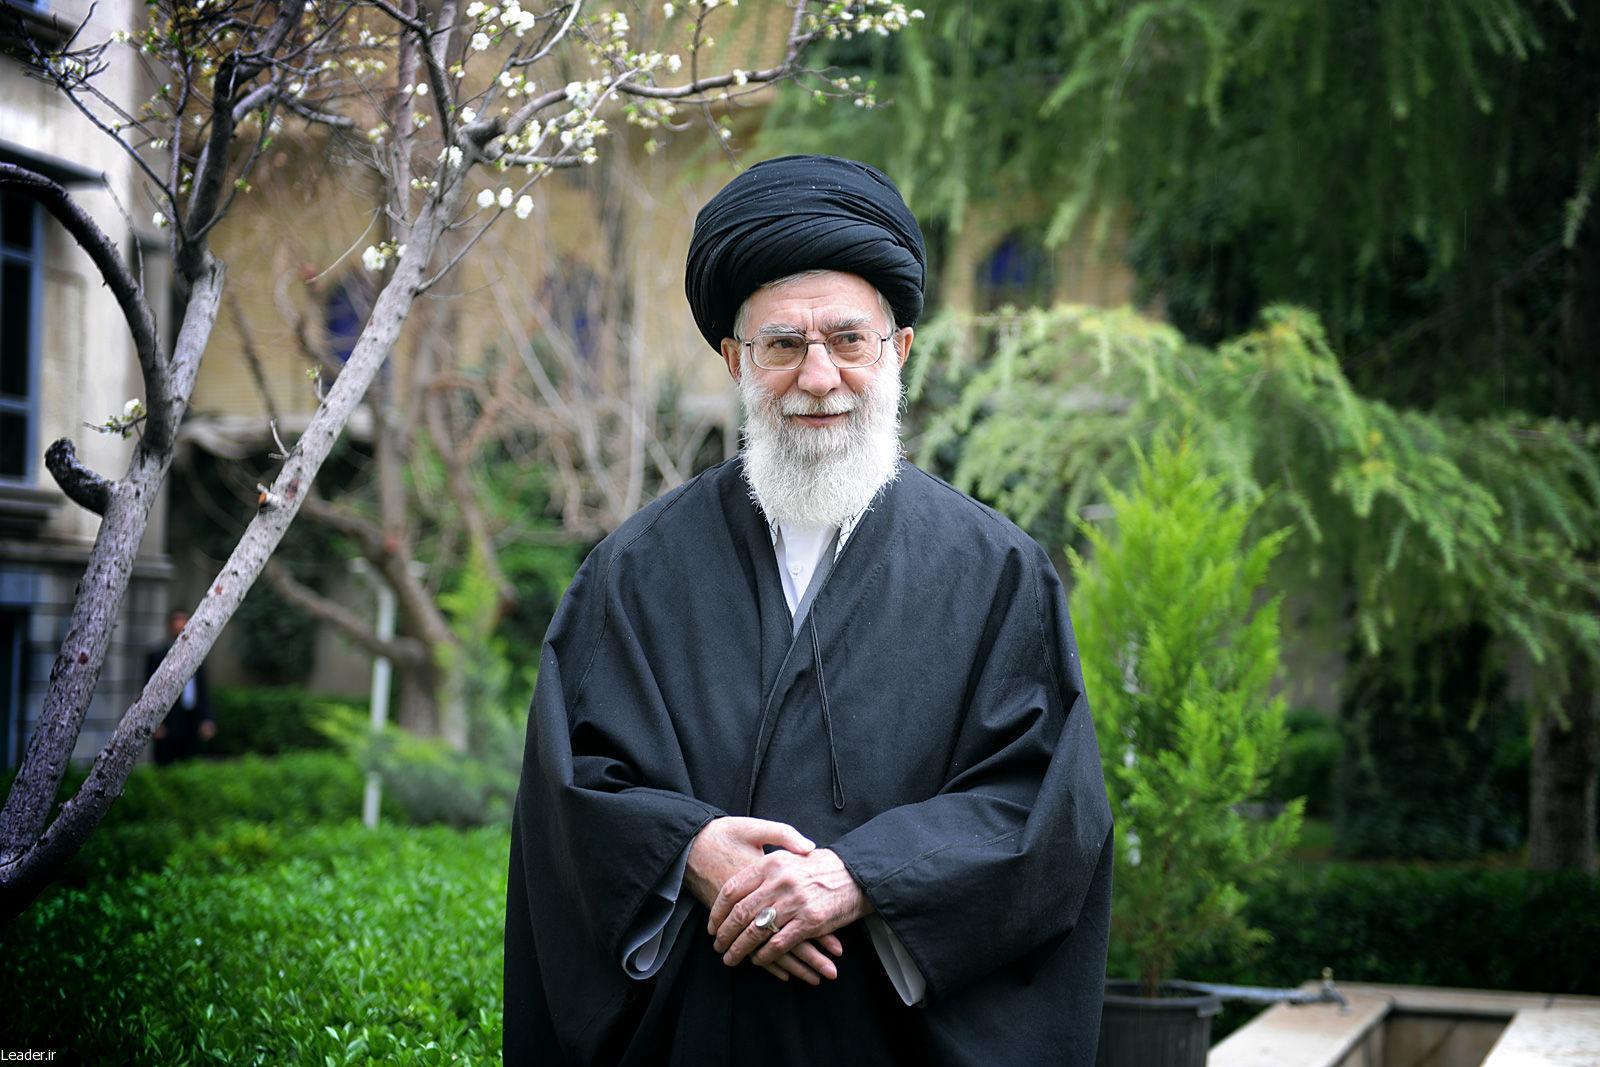 چرا دشمن به شایعه سازی درباره سلامت رهبر انقلاب اسلامی می پردازد